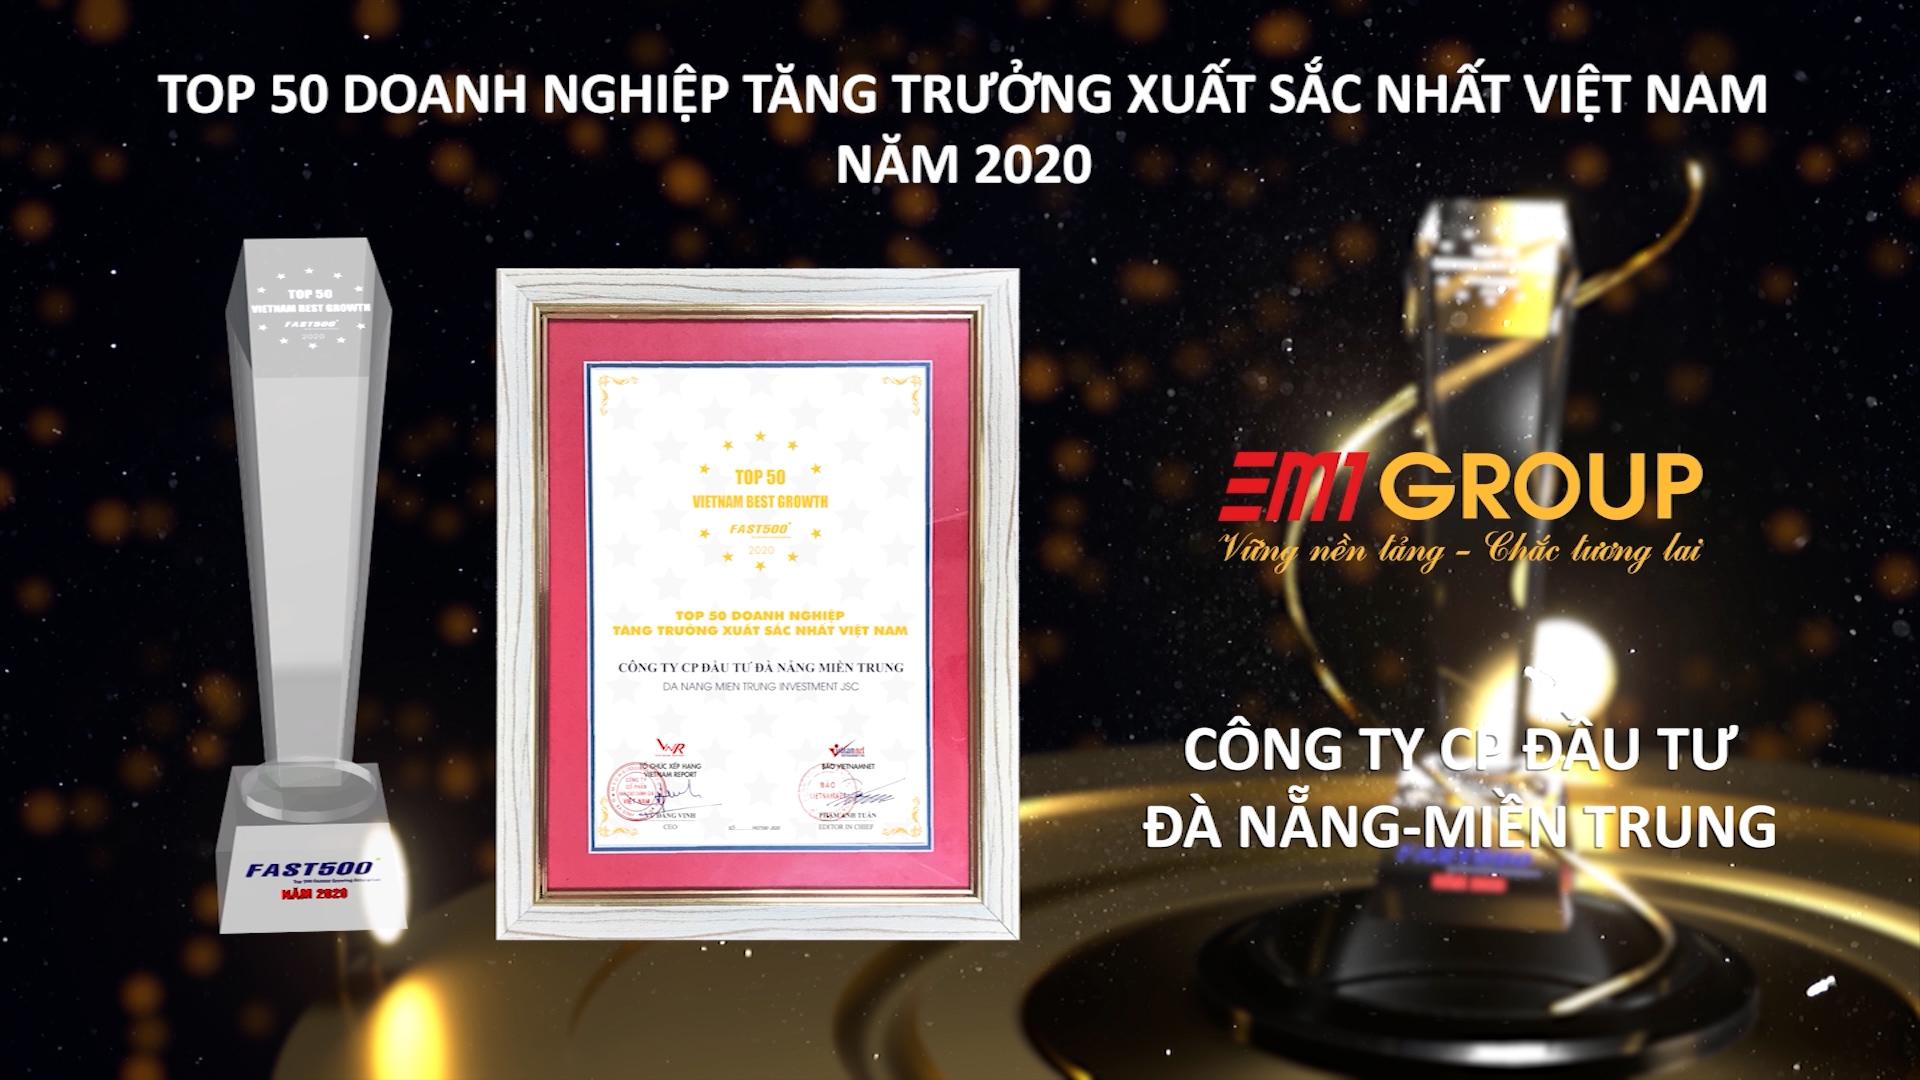 DMT Group - 4 năm liên tiếp lọt vào Top 50 Doanh nghiệp tăng trưởng xuất sắc nhất Việt Nam ( 2017-2020) & 6 năm liên tiếp ( 2015-2020 ) nằm trong top 500 doanh nghiệp tăng trưởng nhanh nhất Việt Nam